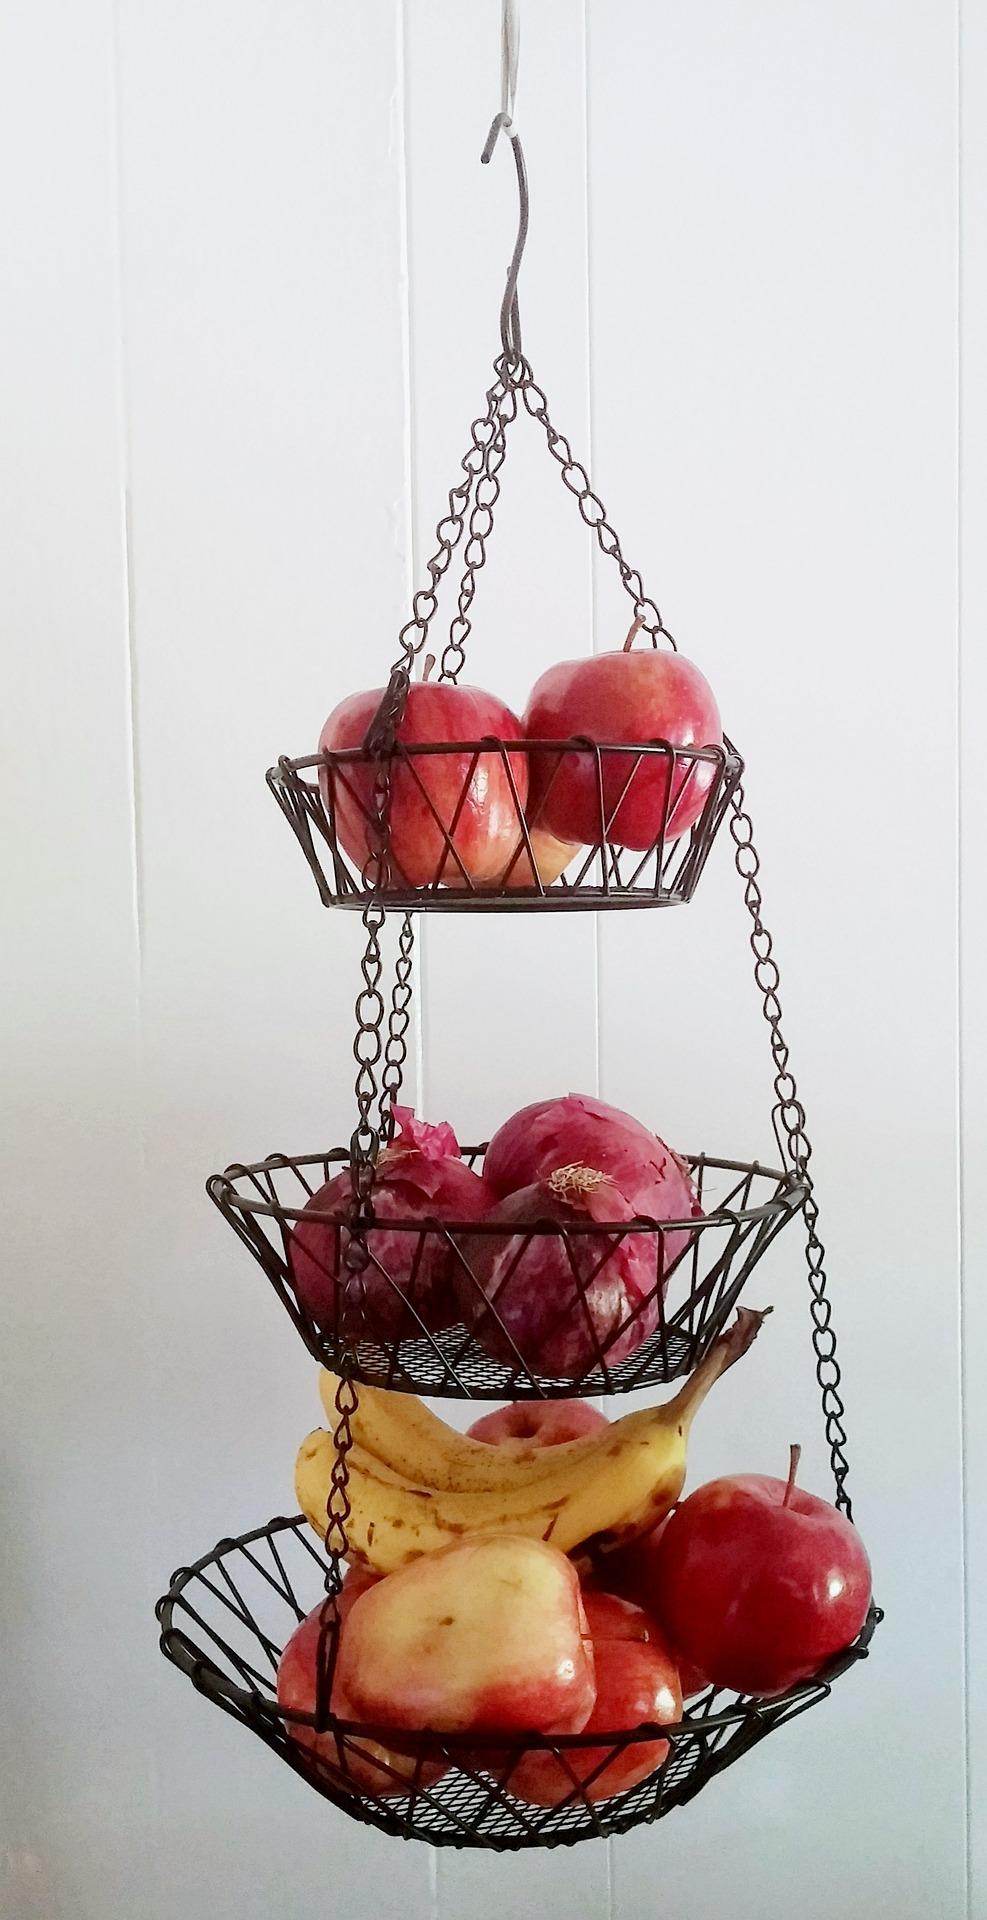 Hanging Fruit Basket